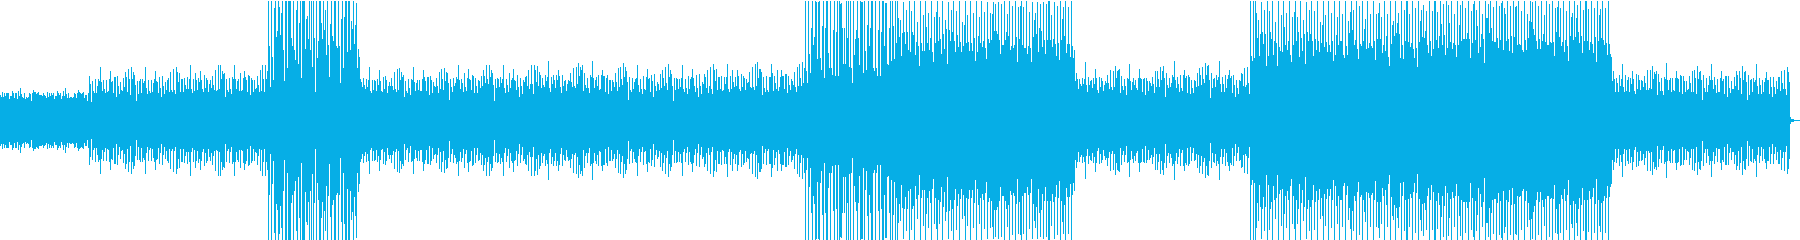 静かに盛り上がる明るいEDMの再生済みの波形